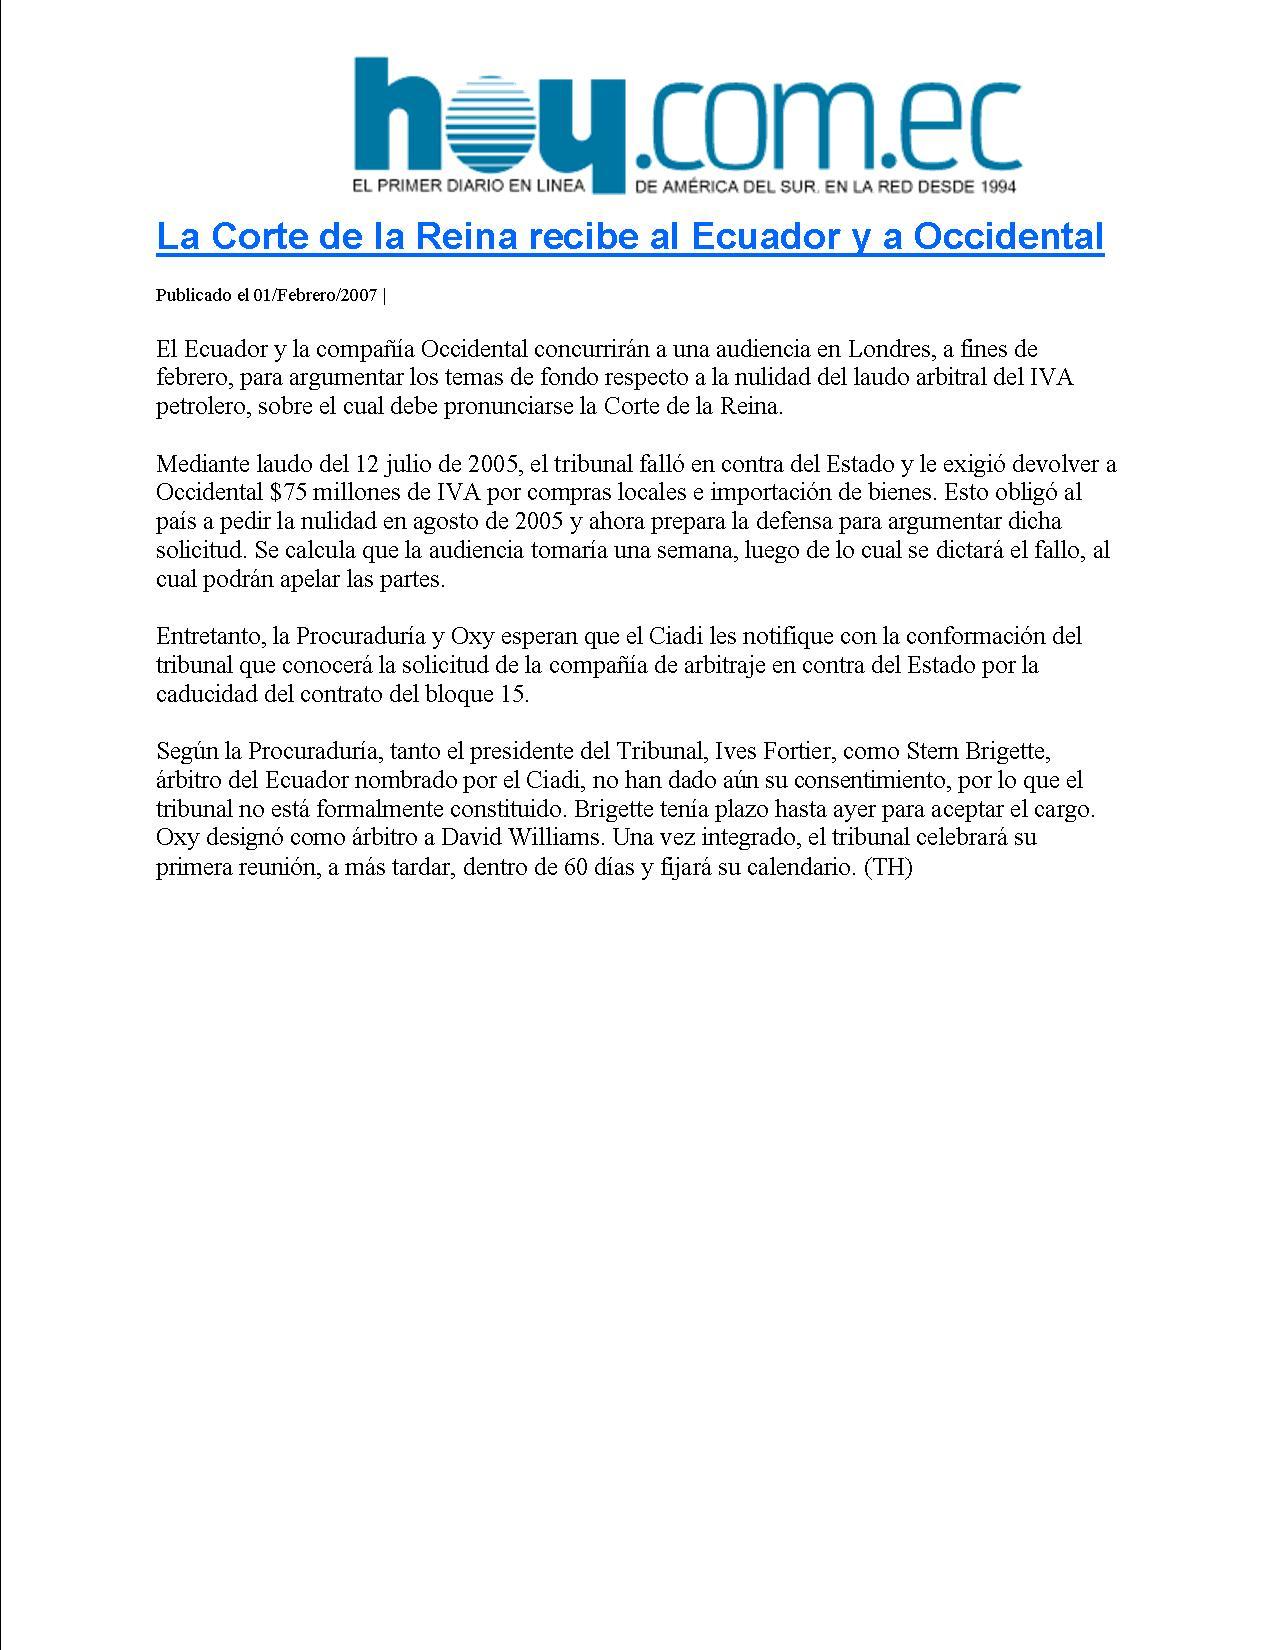 2-HOY 01-02-2007 La Corte de la Reina recibe al Ecuador y a Occidental